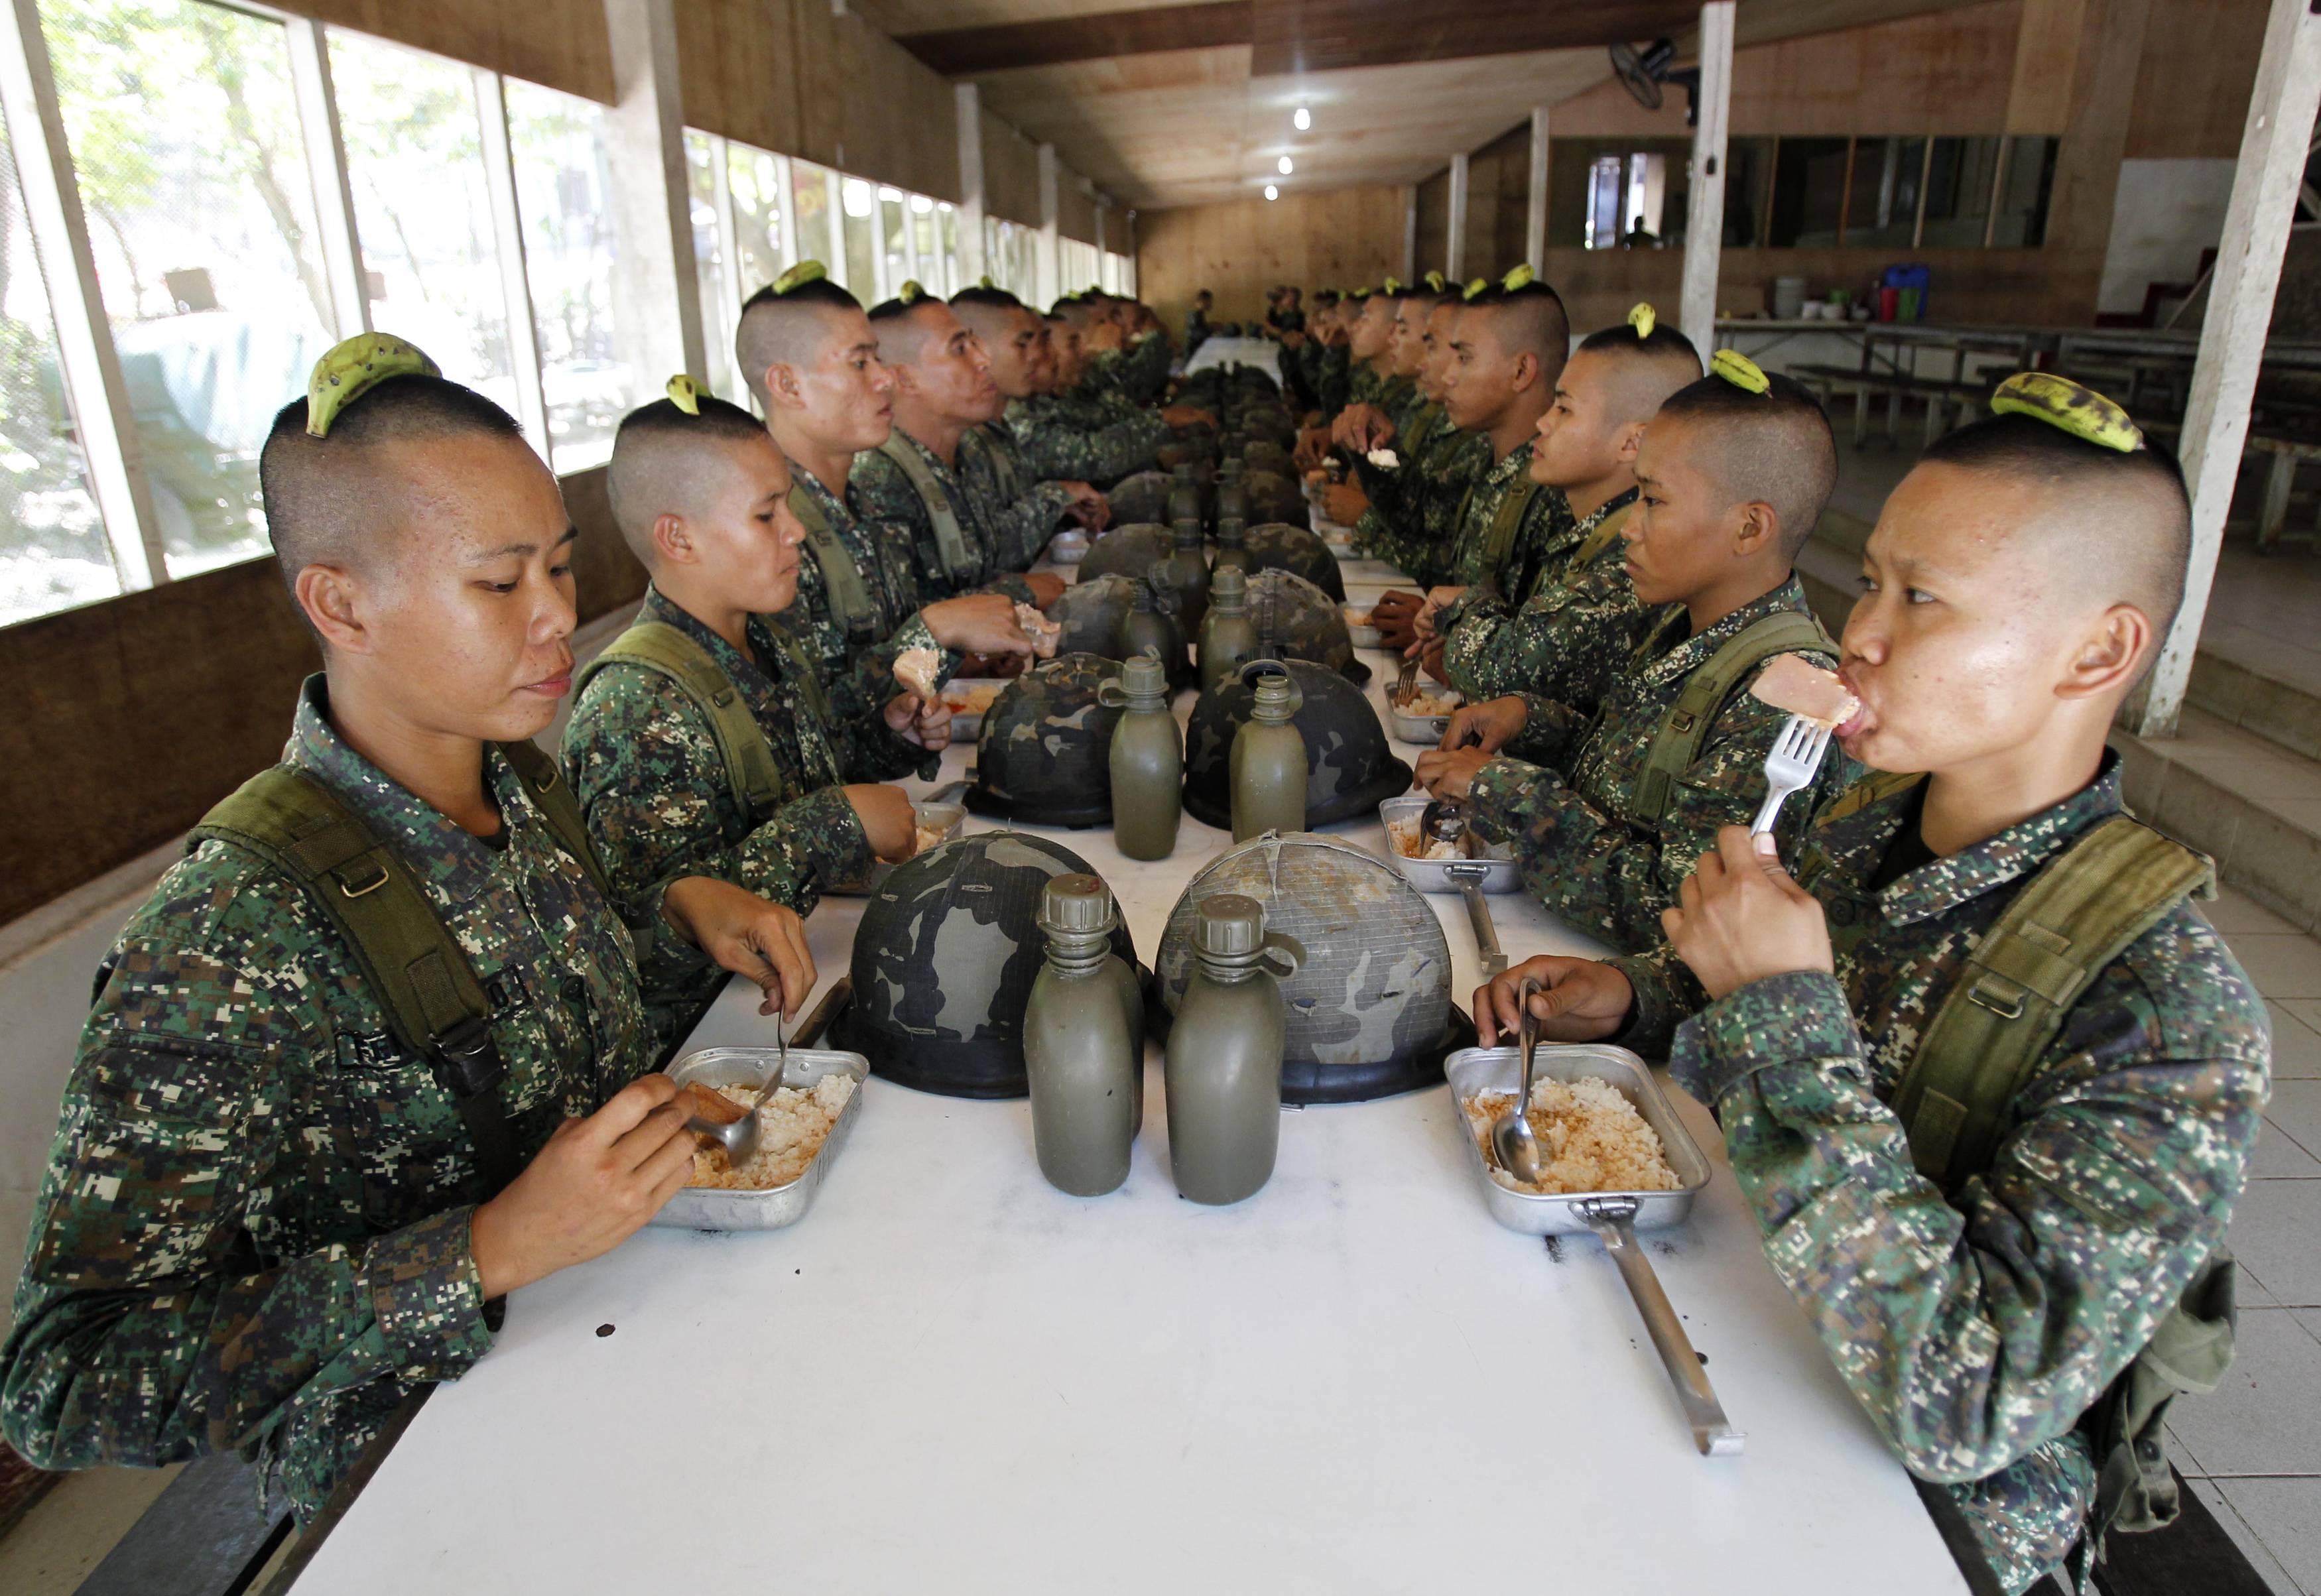 Солдаты в армии ебутся 22 фотография